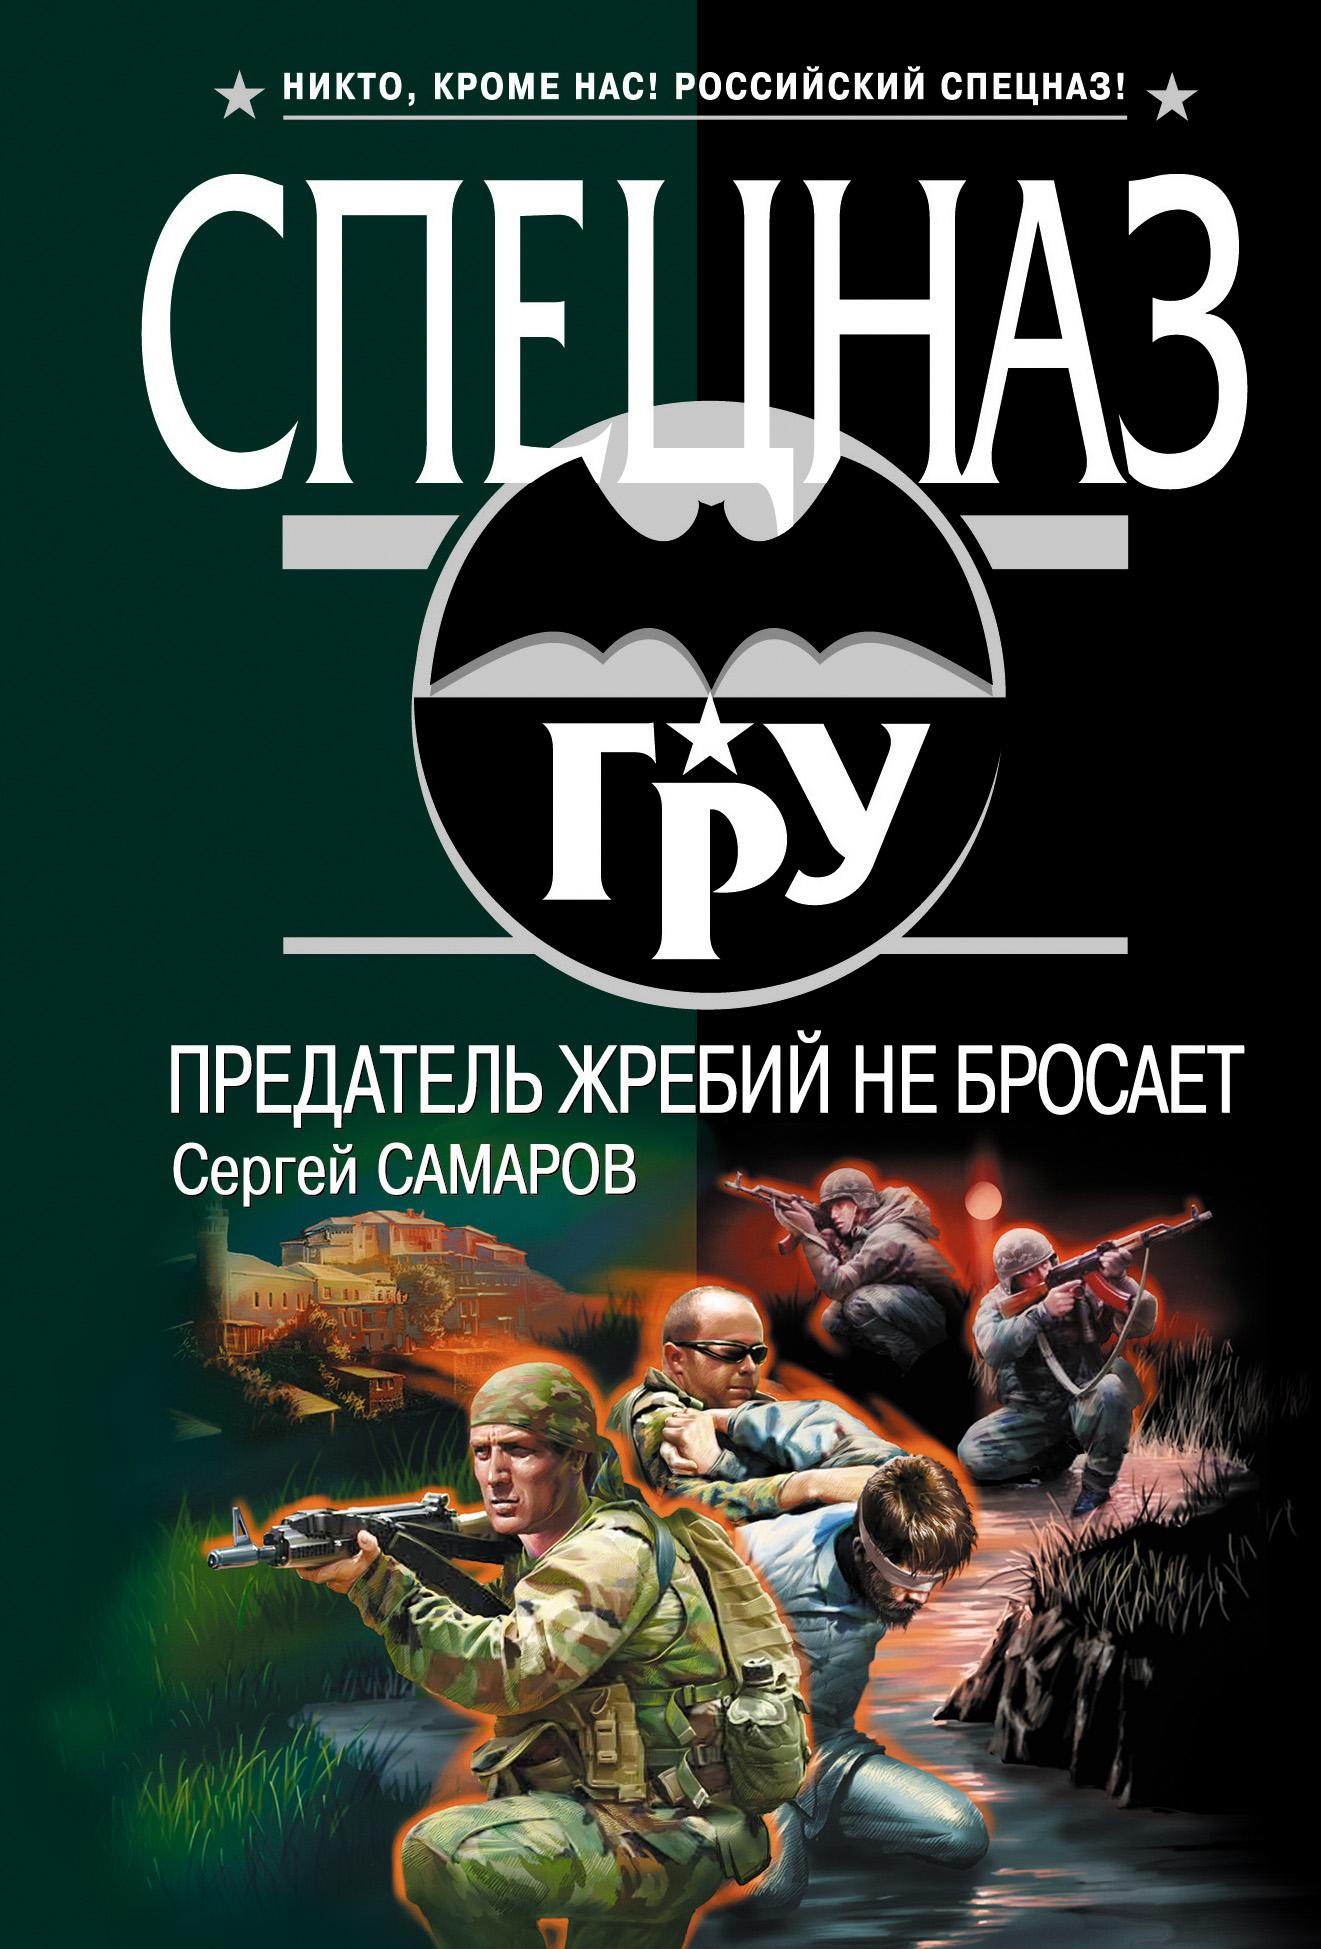 Сергей Самаров Предатель жребий не бросает тим вандерер найти и уничтожить